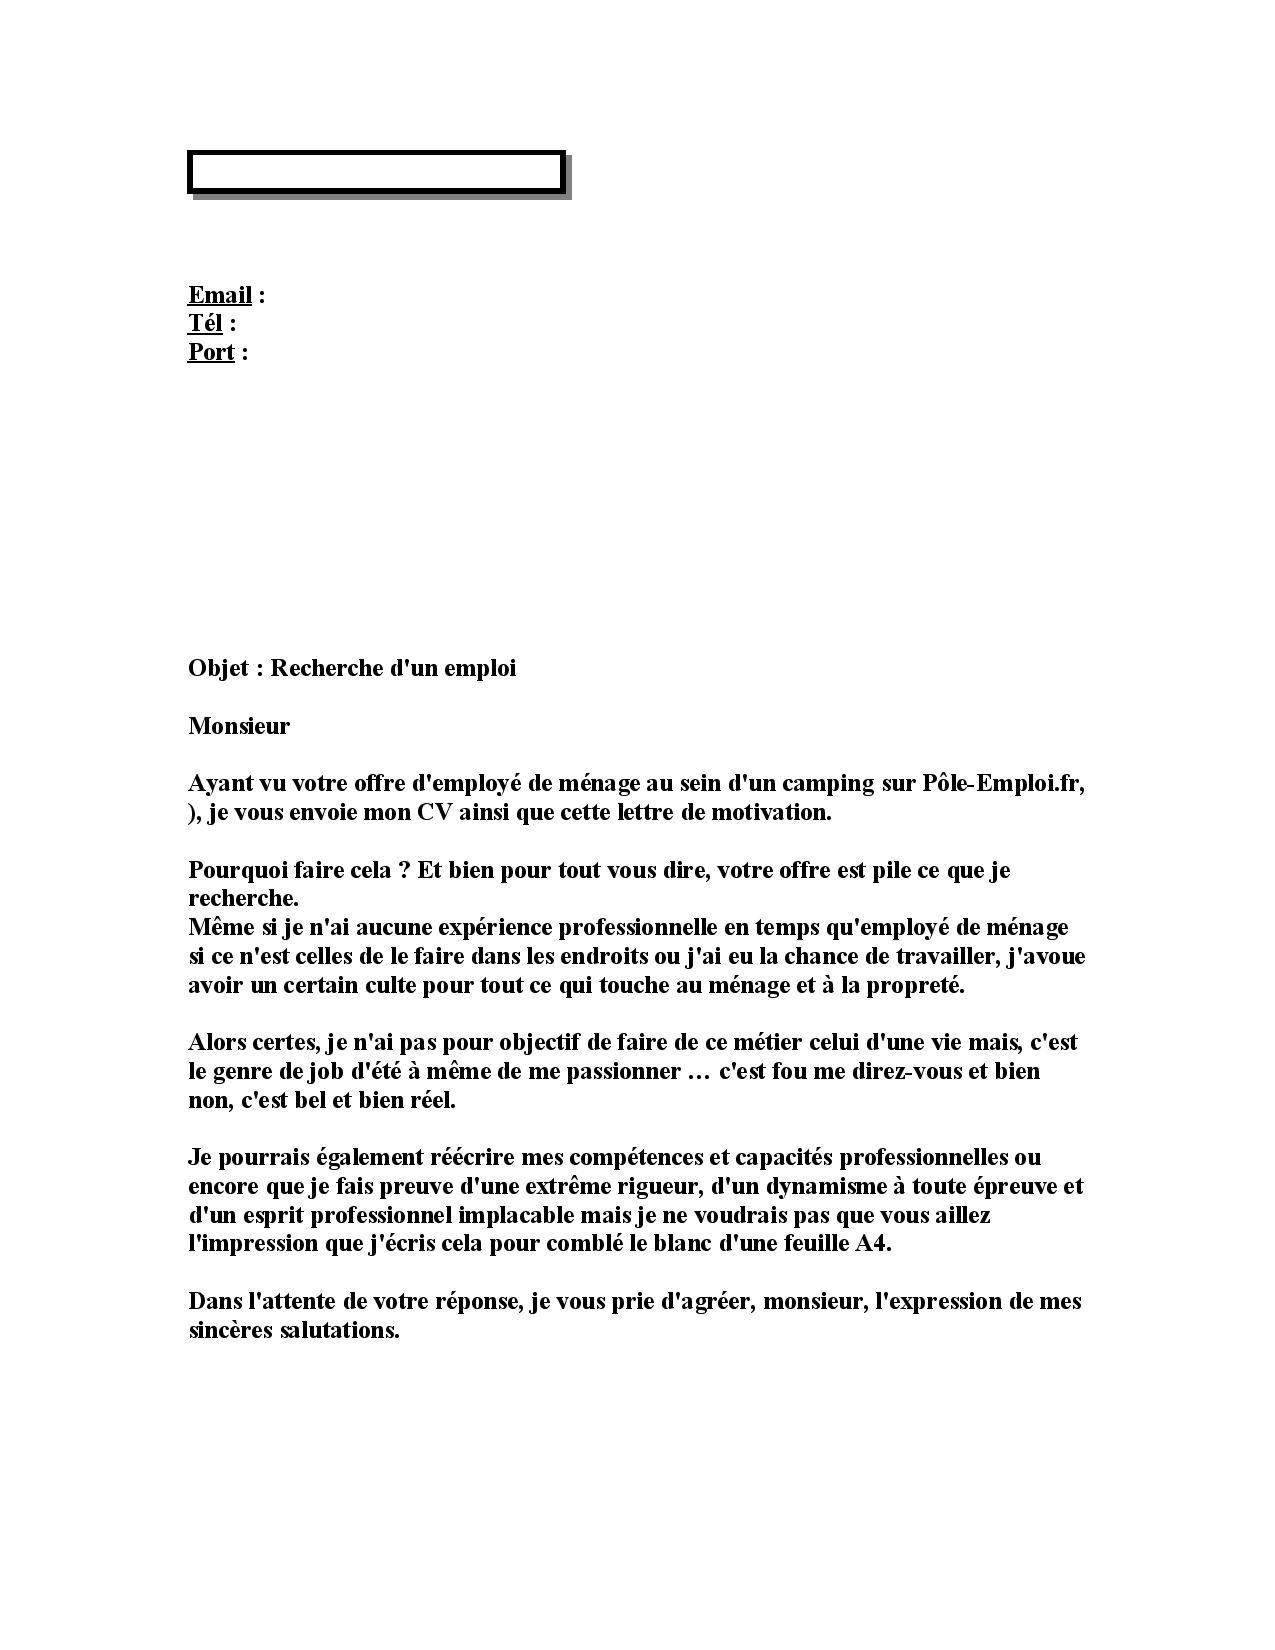 Lettre de motivation réceptionniste camping - laboite-cv.fr